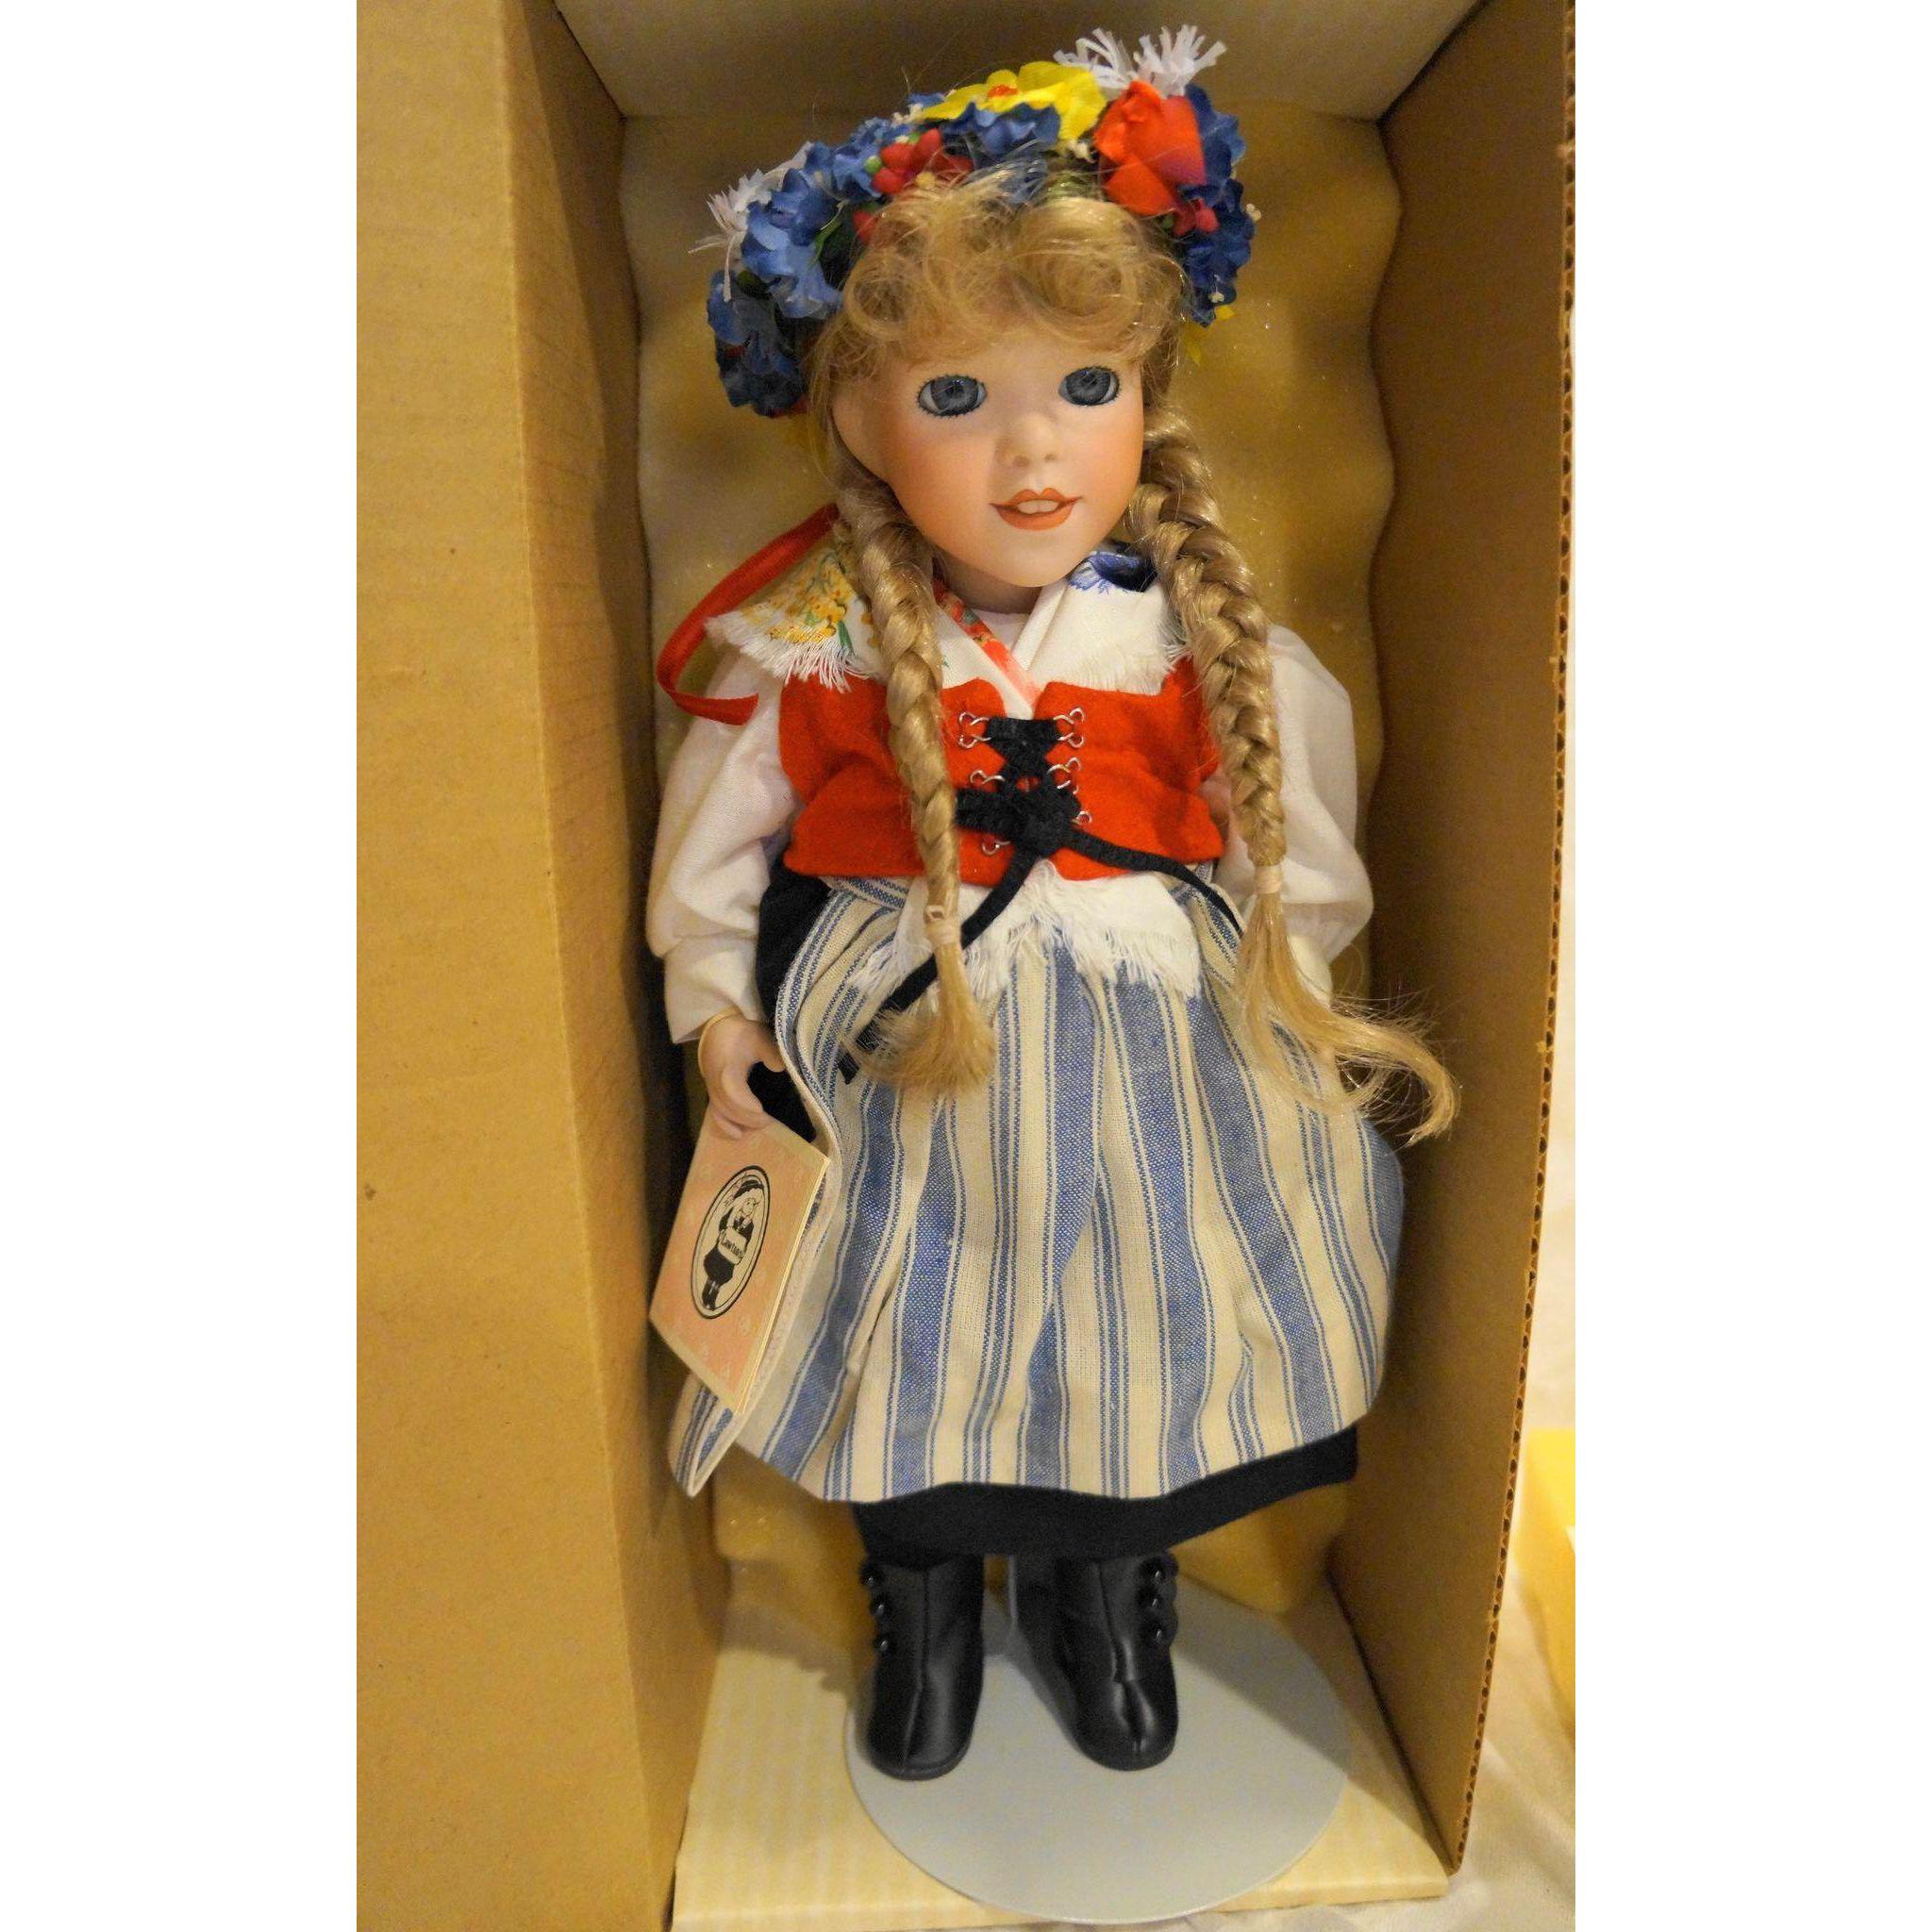 Lawton Doll Midsommar Sweden NIB MIB Ltd Ed 24/500 1990 Cherished Customs